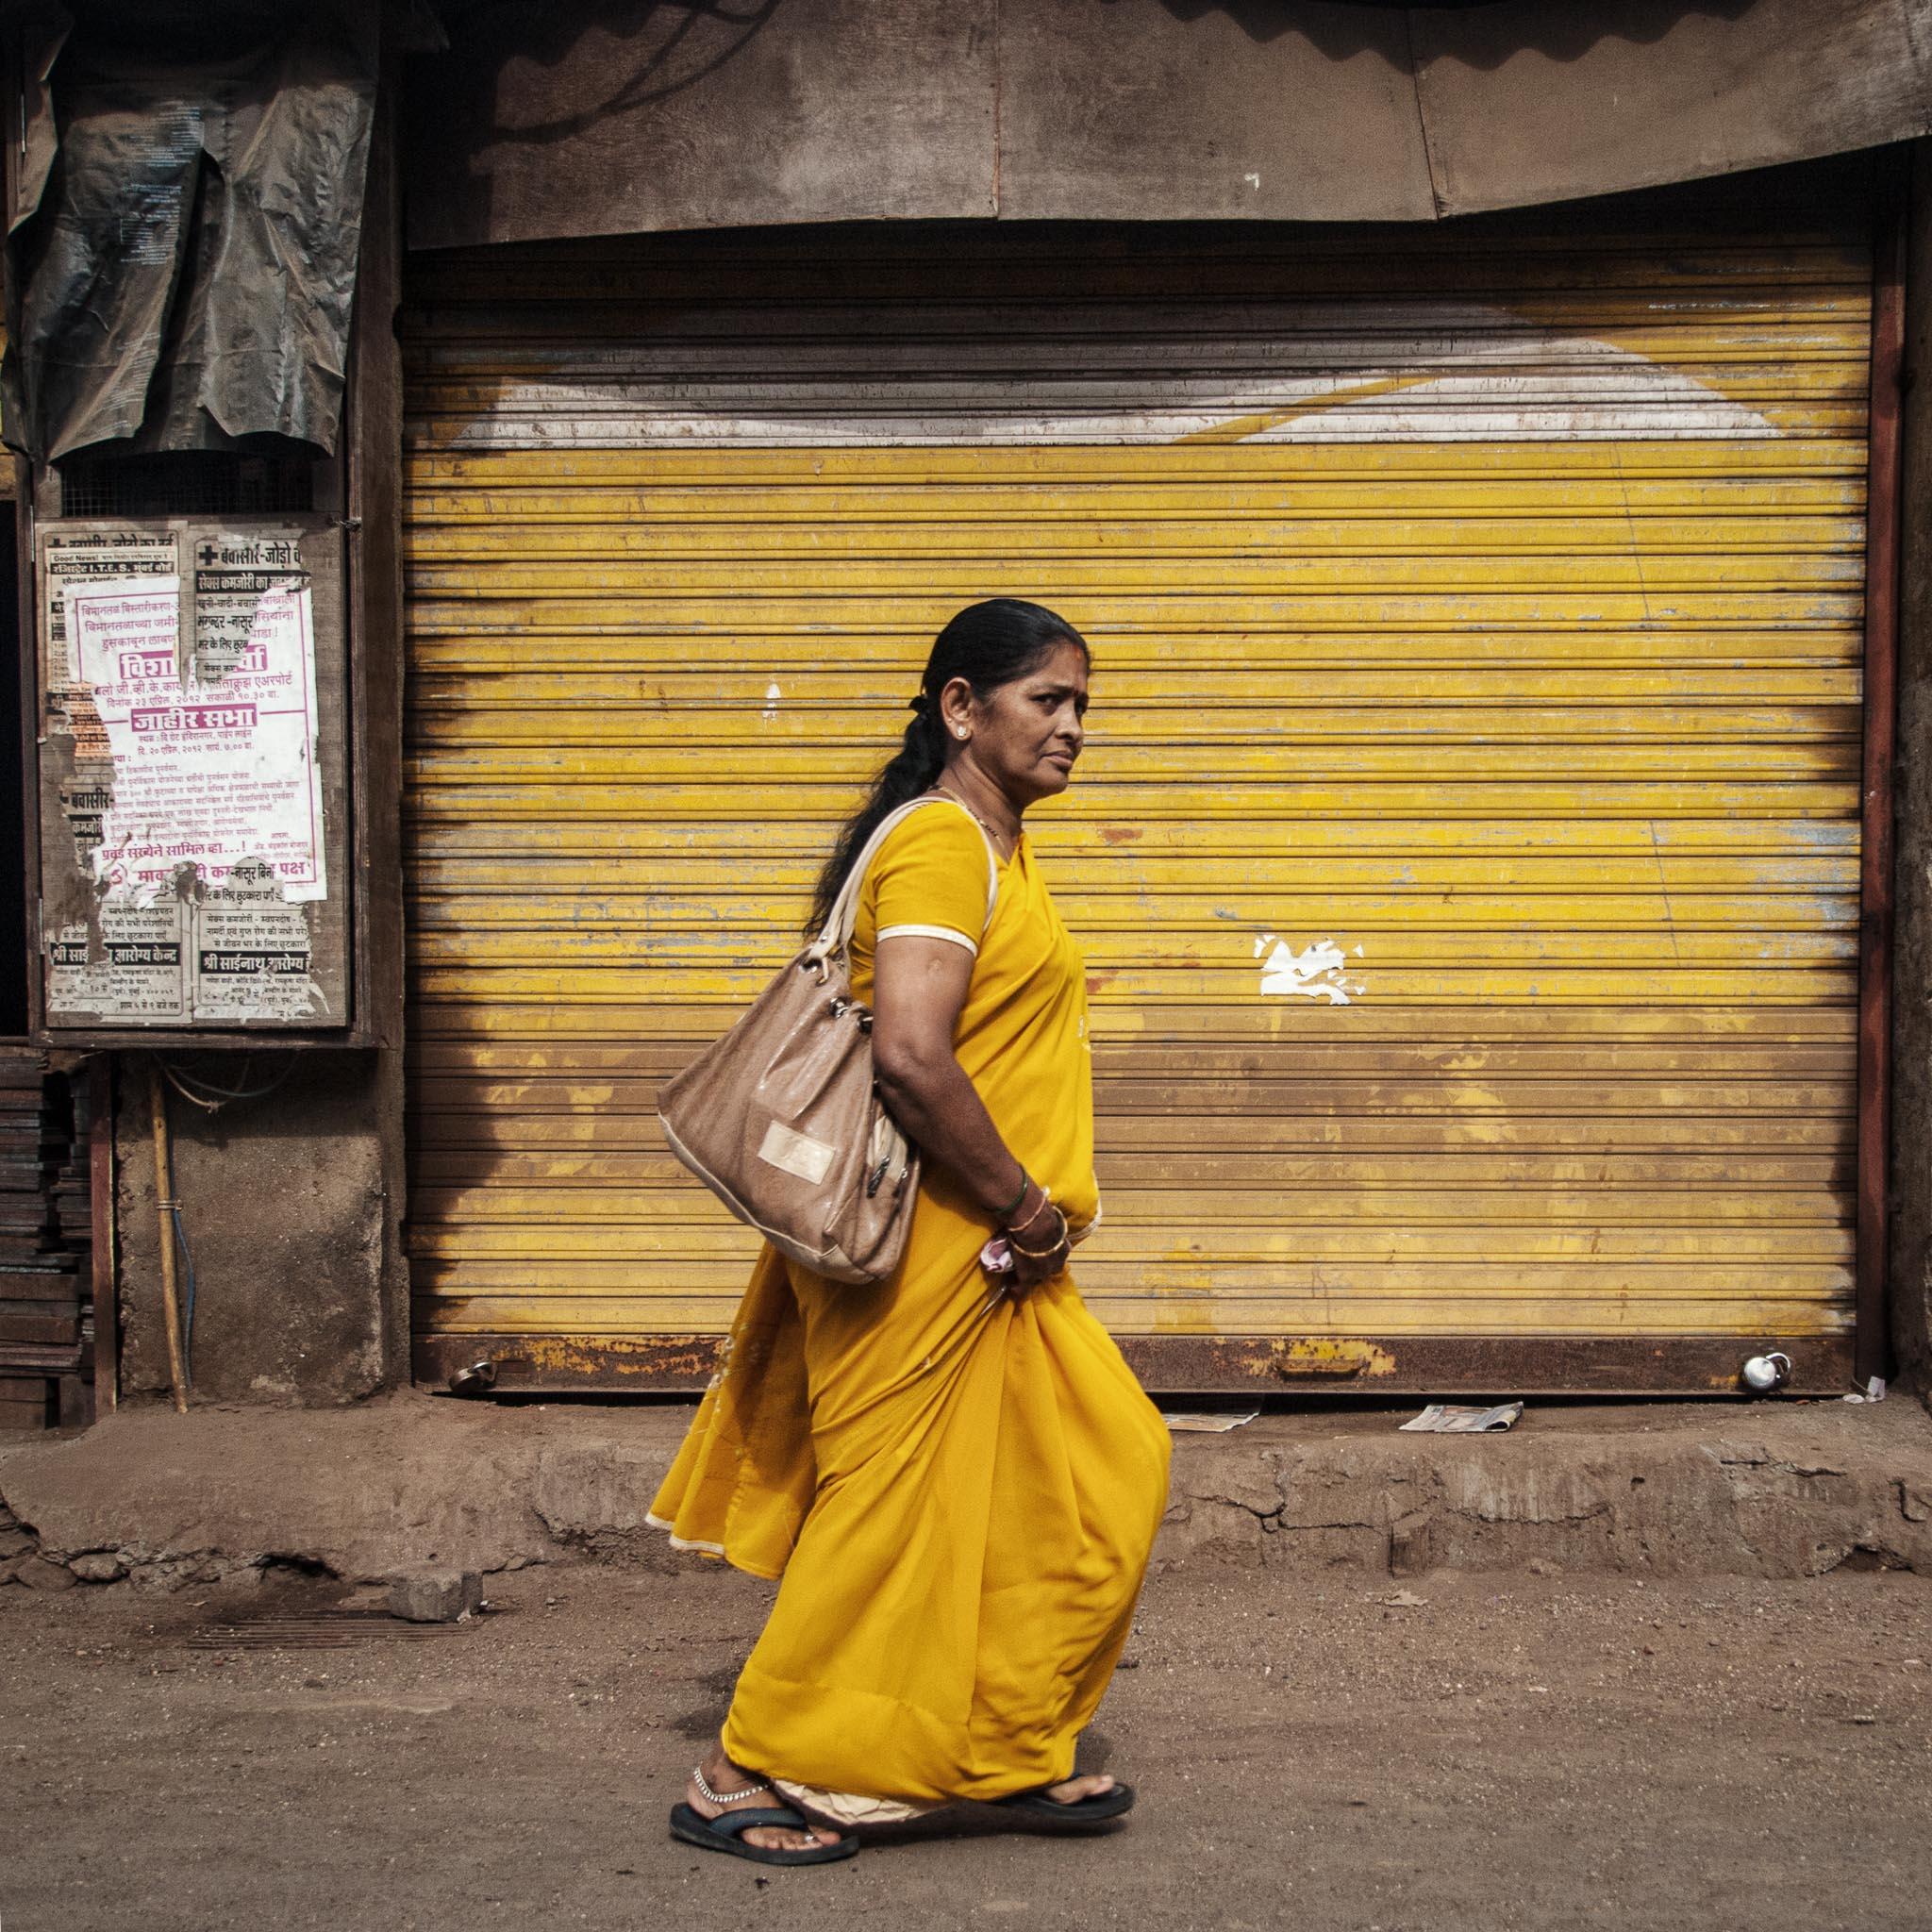 Mumbai India (not messed-up)